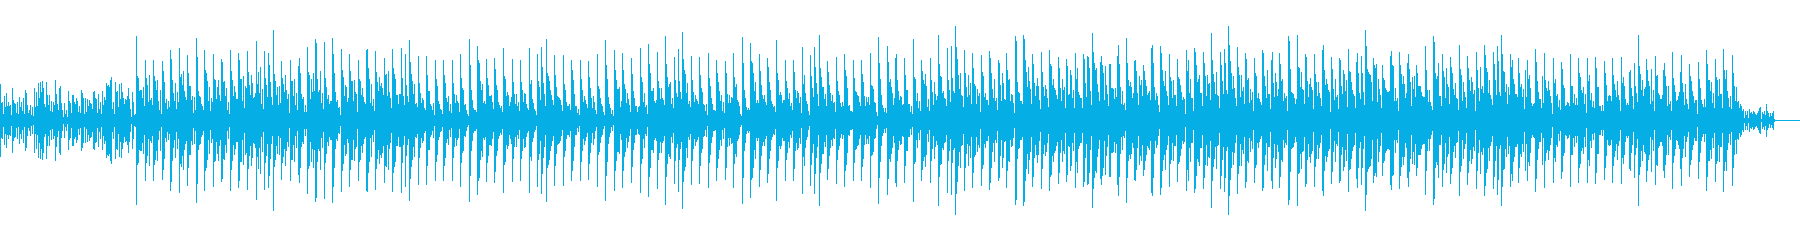 電脳世界の雰囲気をイメージしたシリアス曲の再生済みの波形